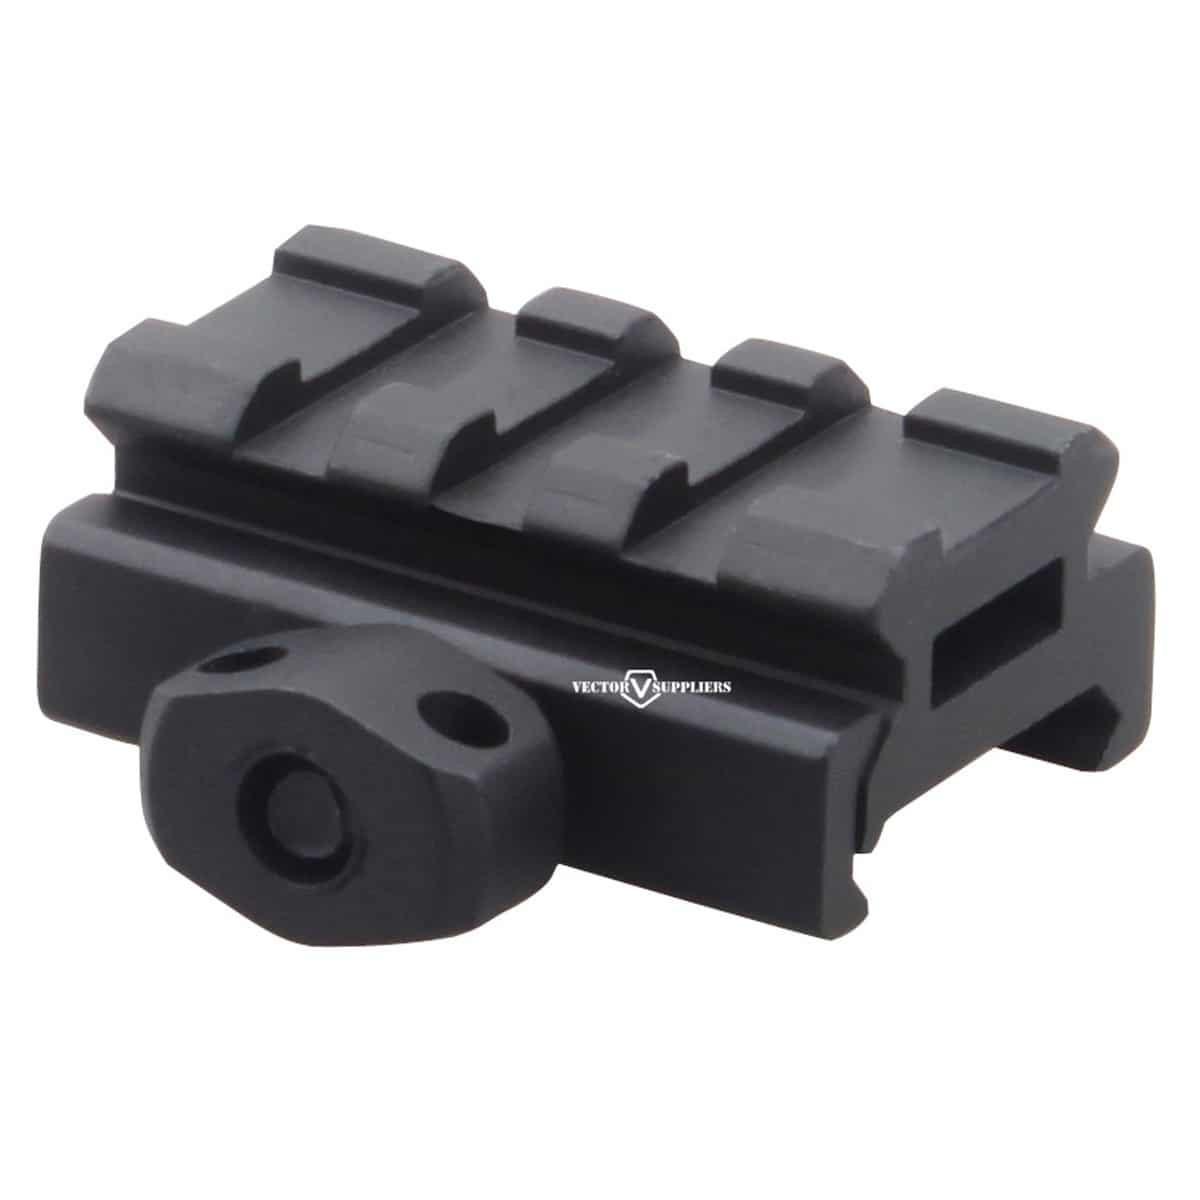 Vector Optics   SCRA-58 1/2 Inch Picatinny Riser Mount 3 Slots 40mm